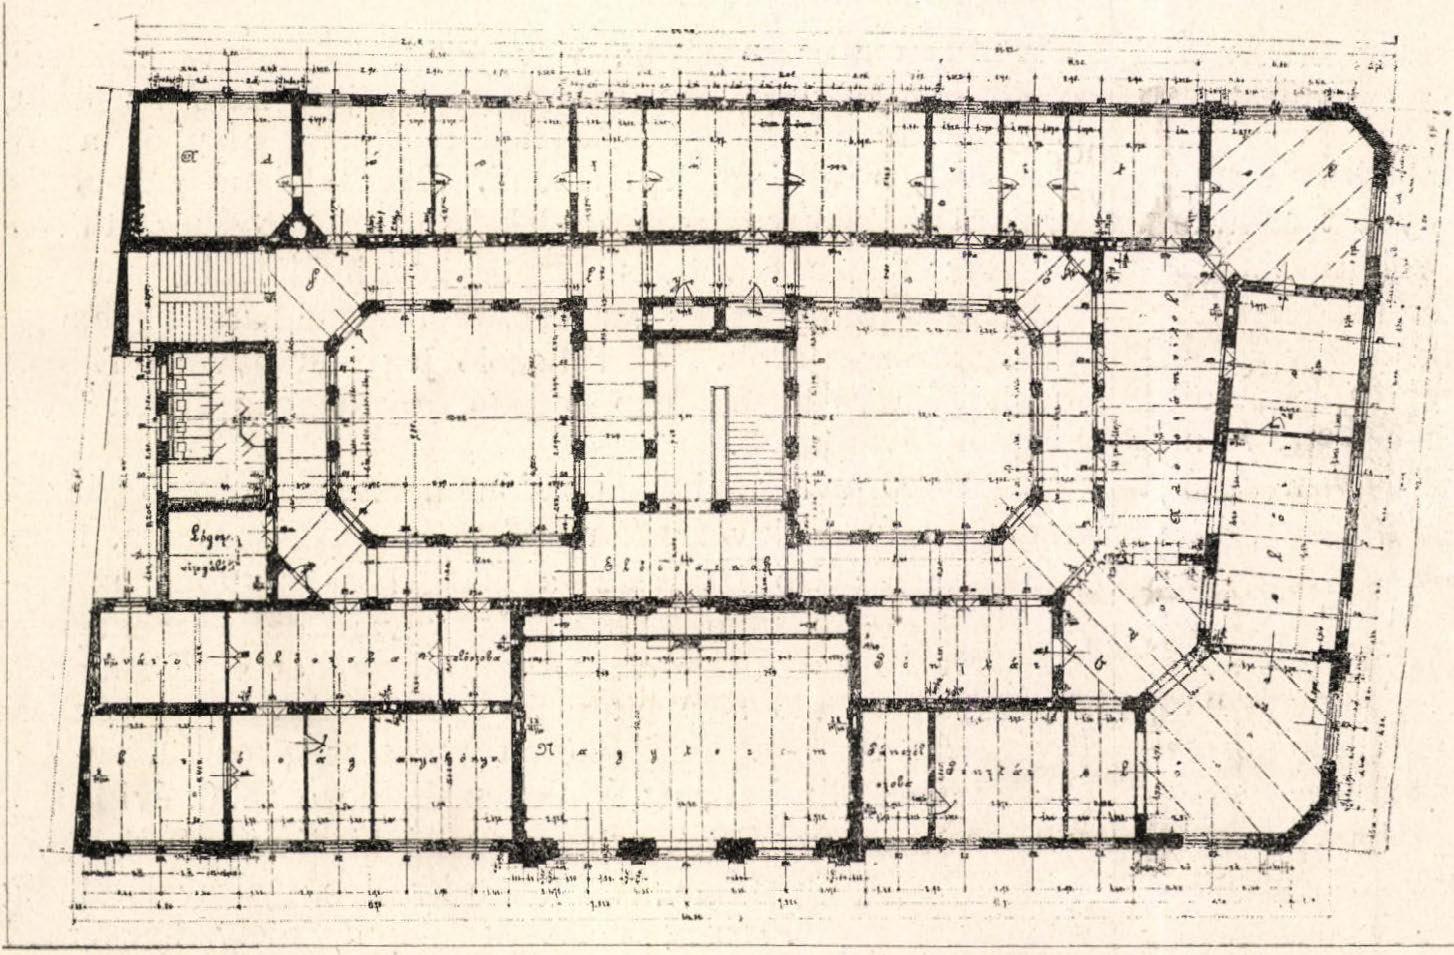 Második emeleti alaprajz. (Forrás: Építő Ipar, 1899)